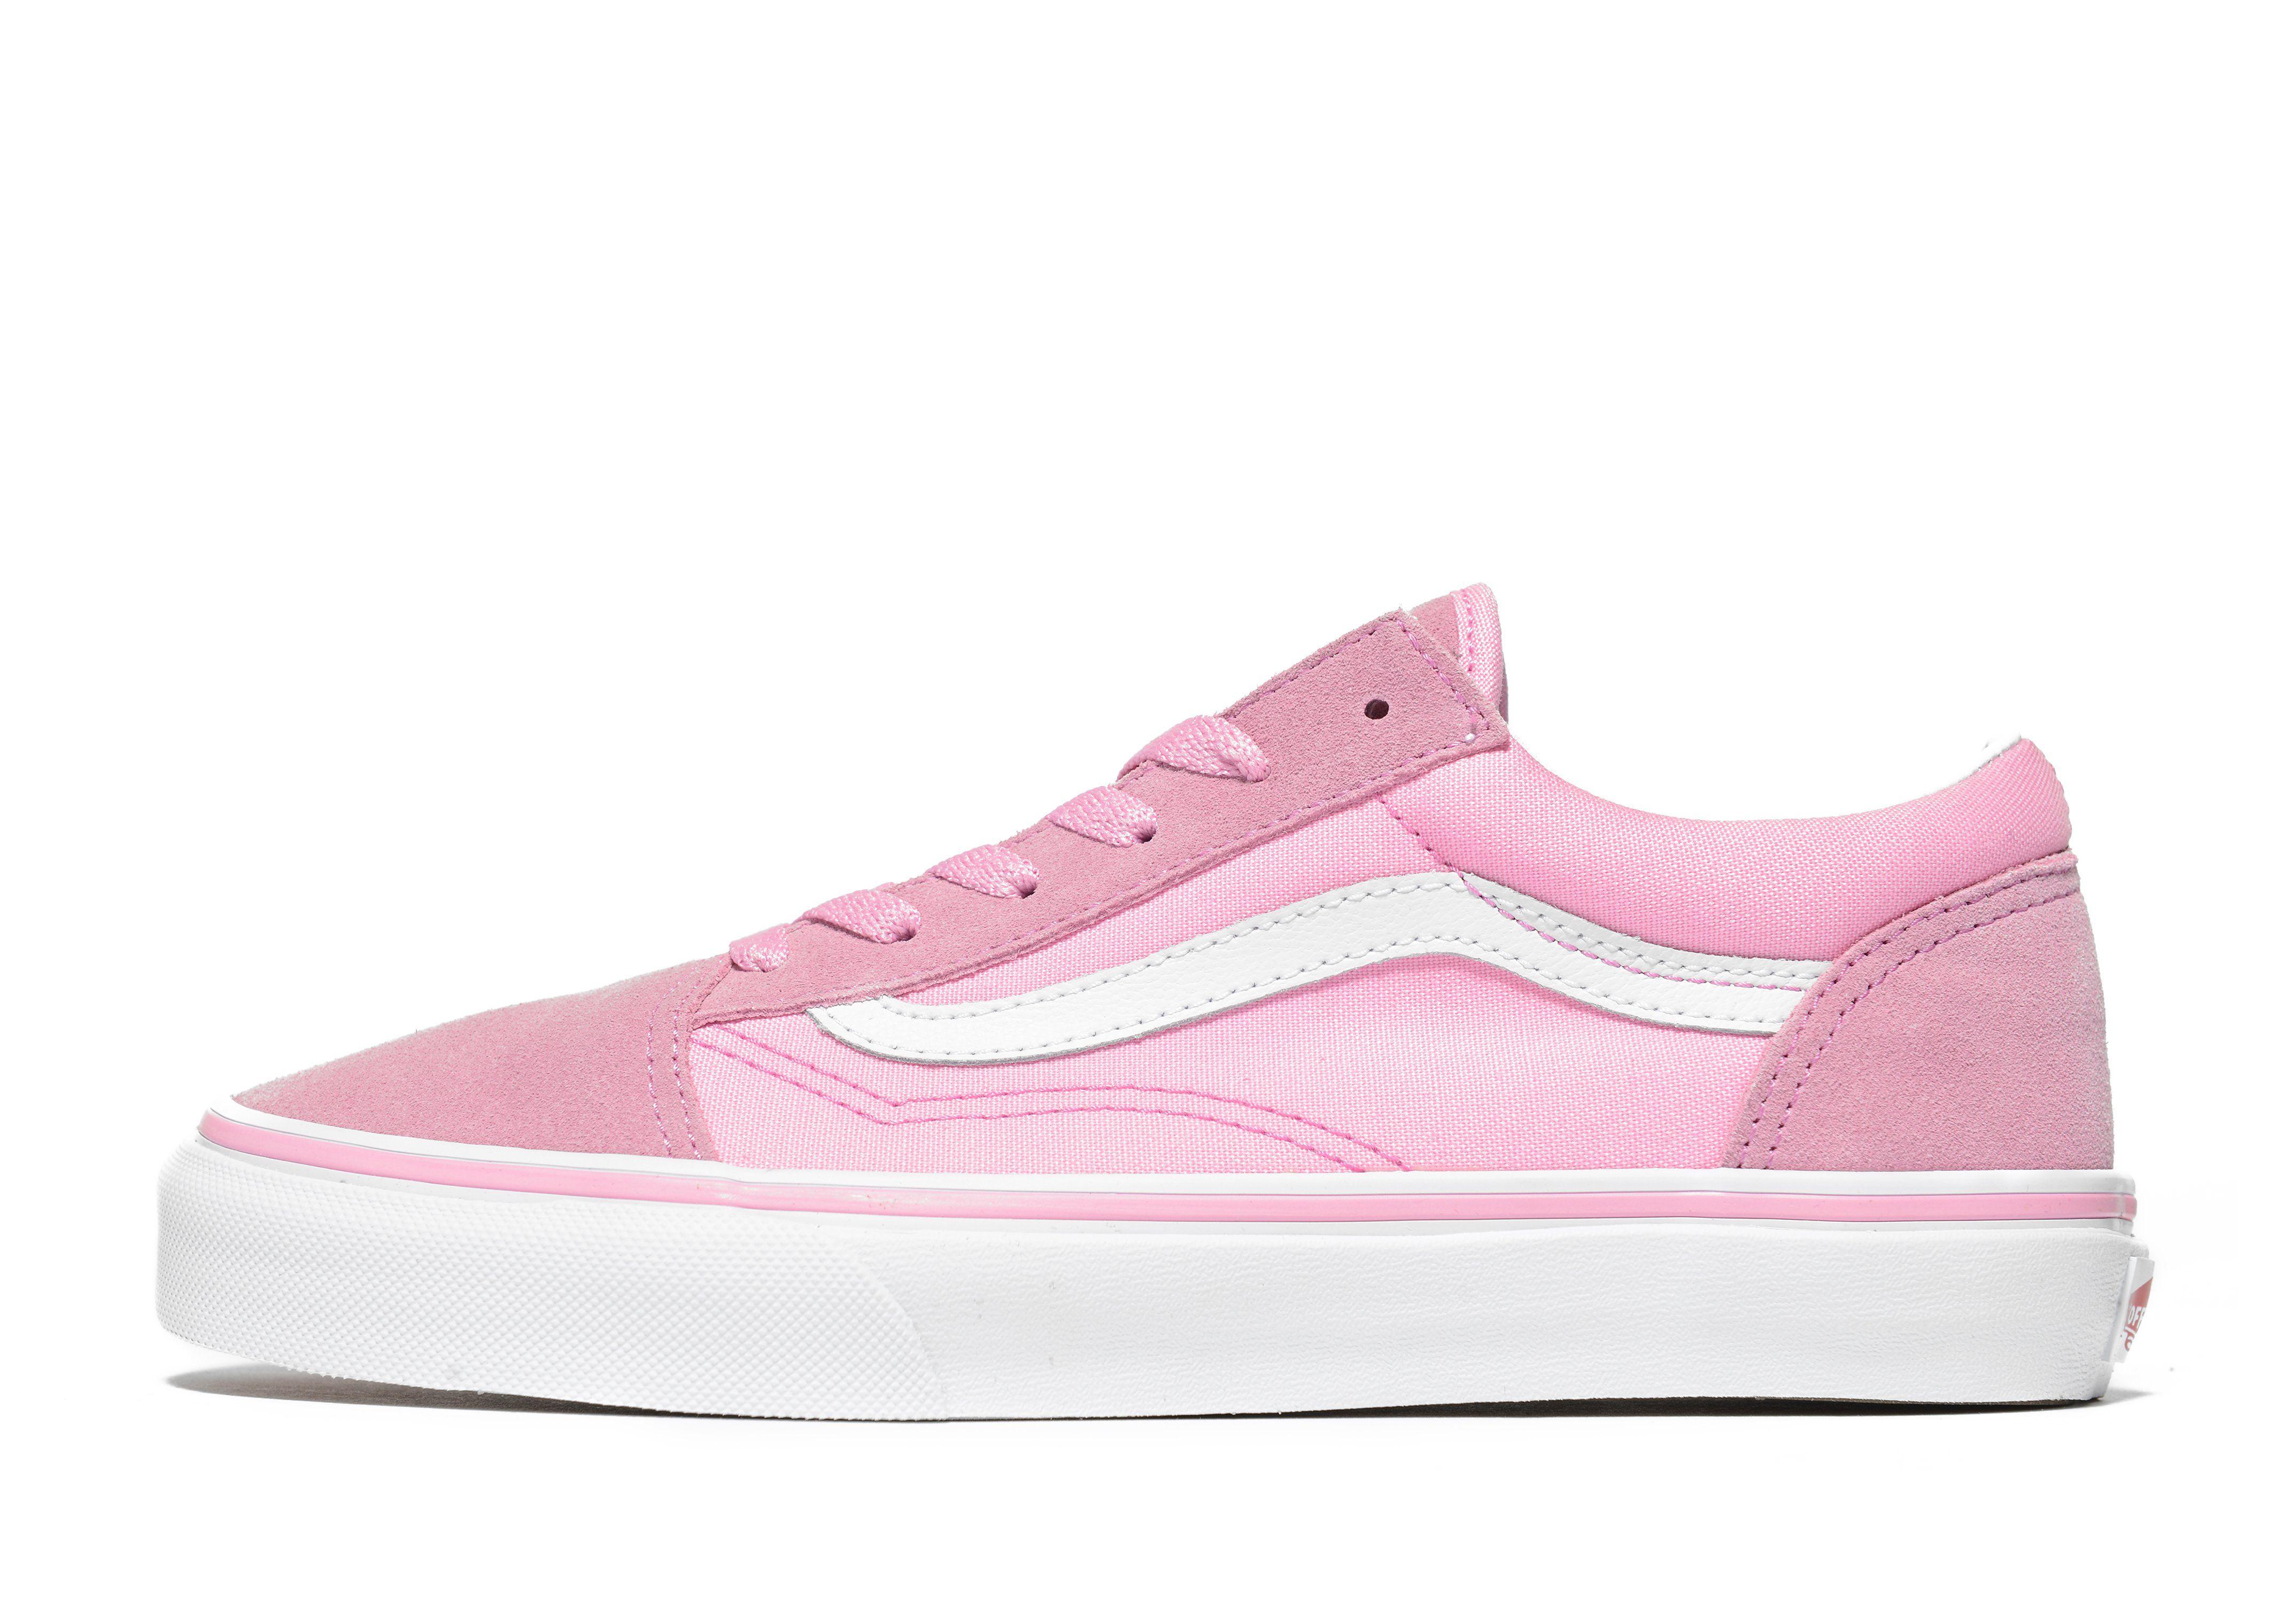 vans shoes for girls pink. vans old skool junior shoes for girls pink